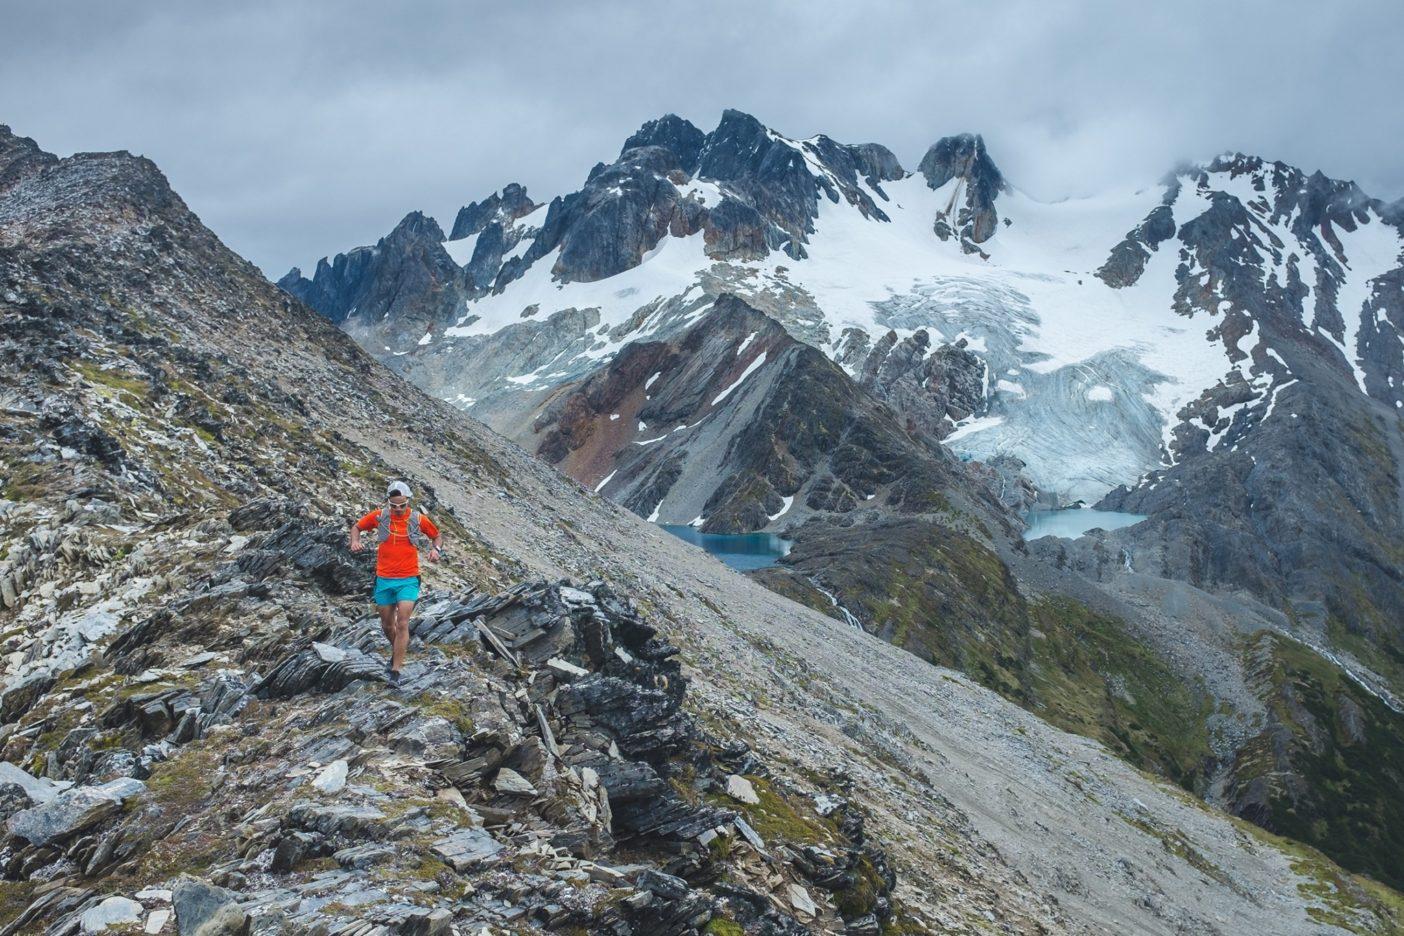 ウシュアイアでは予期していなかった暑い日に誘われて、 ロス・ヴァスコス氷河にあるナイフの刃のような尾根と高山湖 へとエスケープ。写真 : ロドリゴ・マンズ